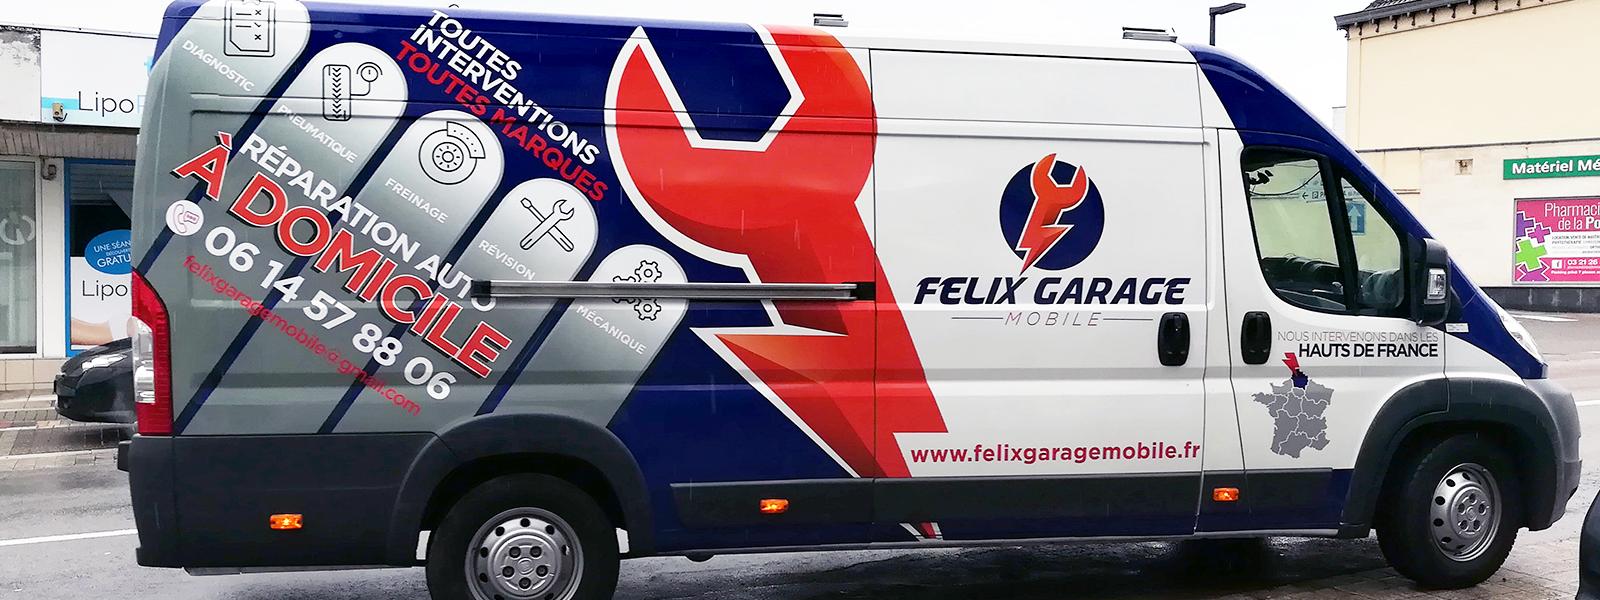 Lettrage d coration v hicule camion utilitaire dpt 59 for Garage utilitaire toulouse